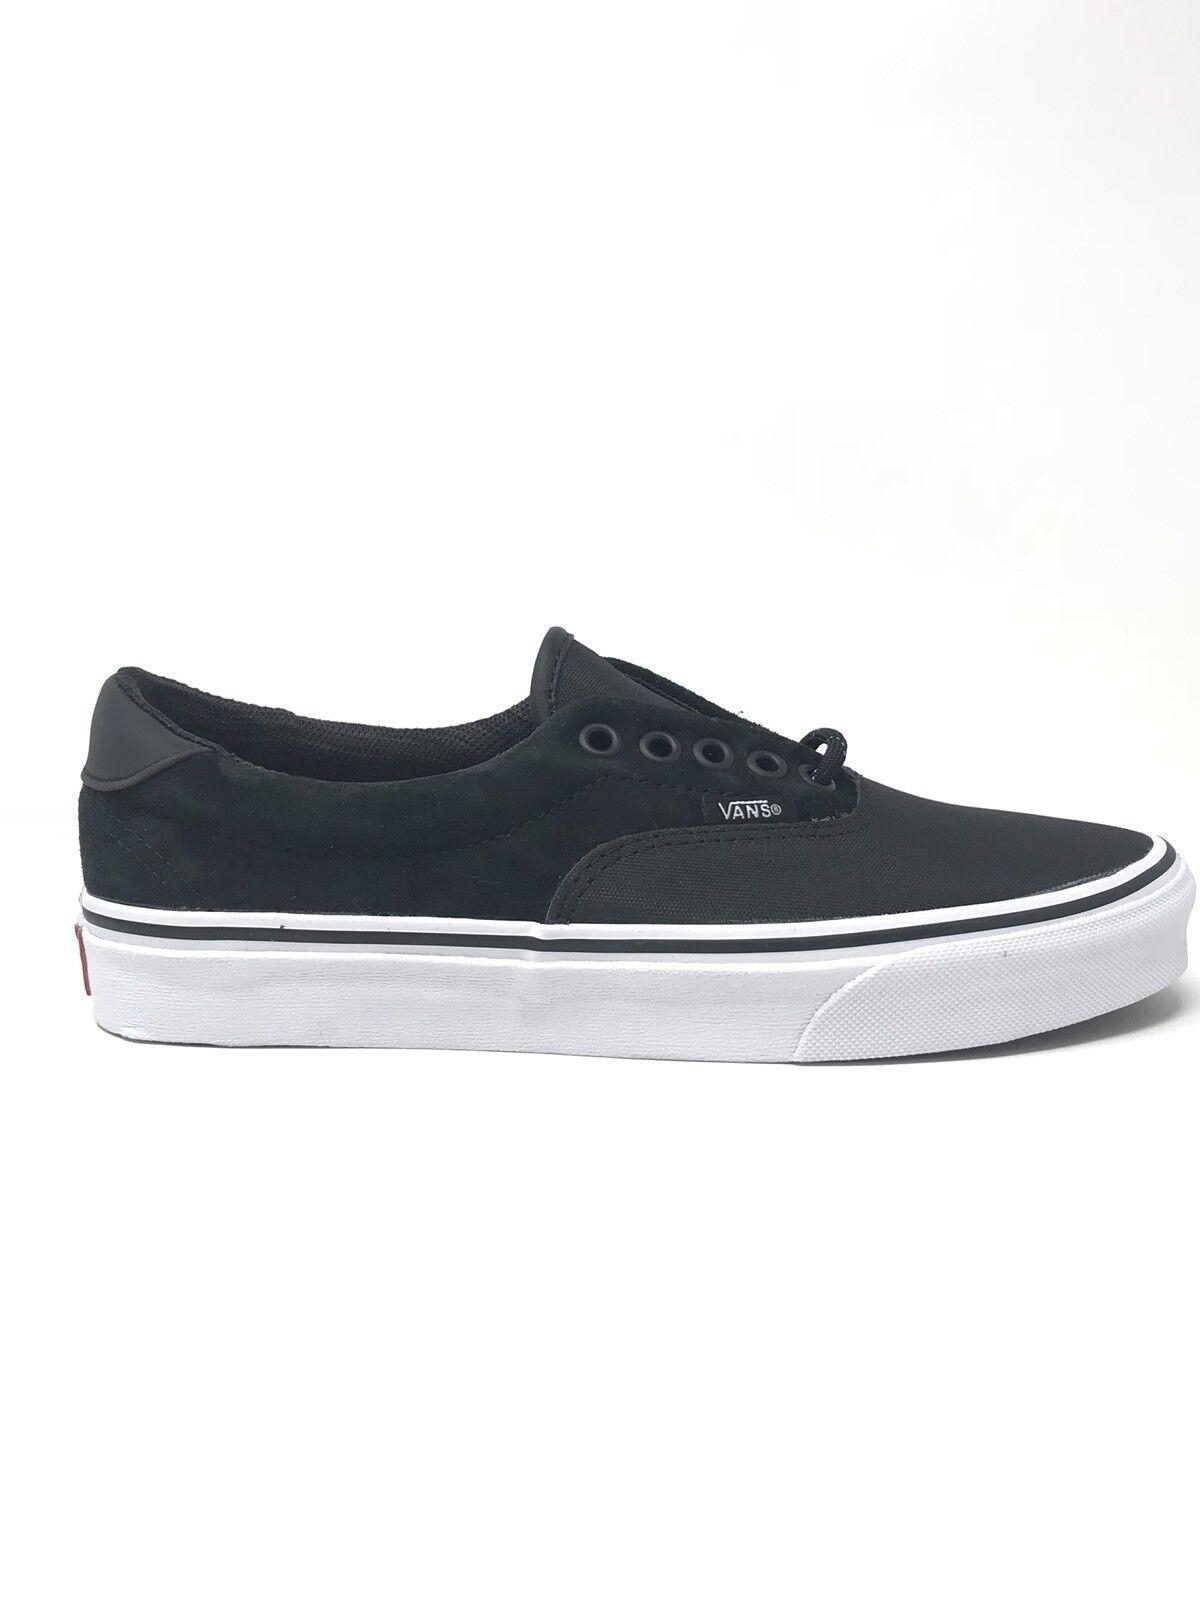 3923bbaf05 VANS Era 59 DX TRANSIT Line Black Reflective Men s 6.5 Women s 8 Skate Shoes